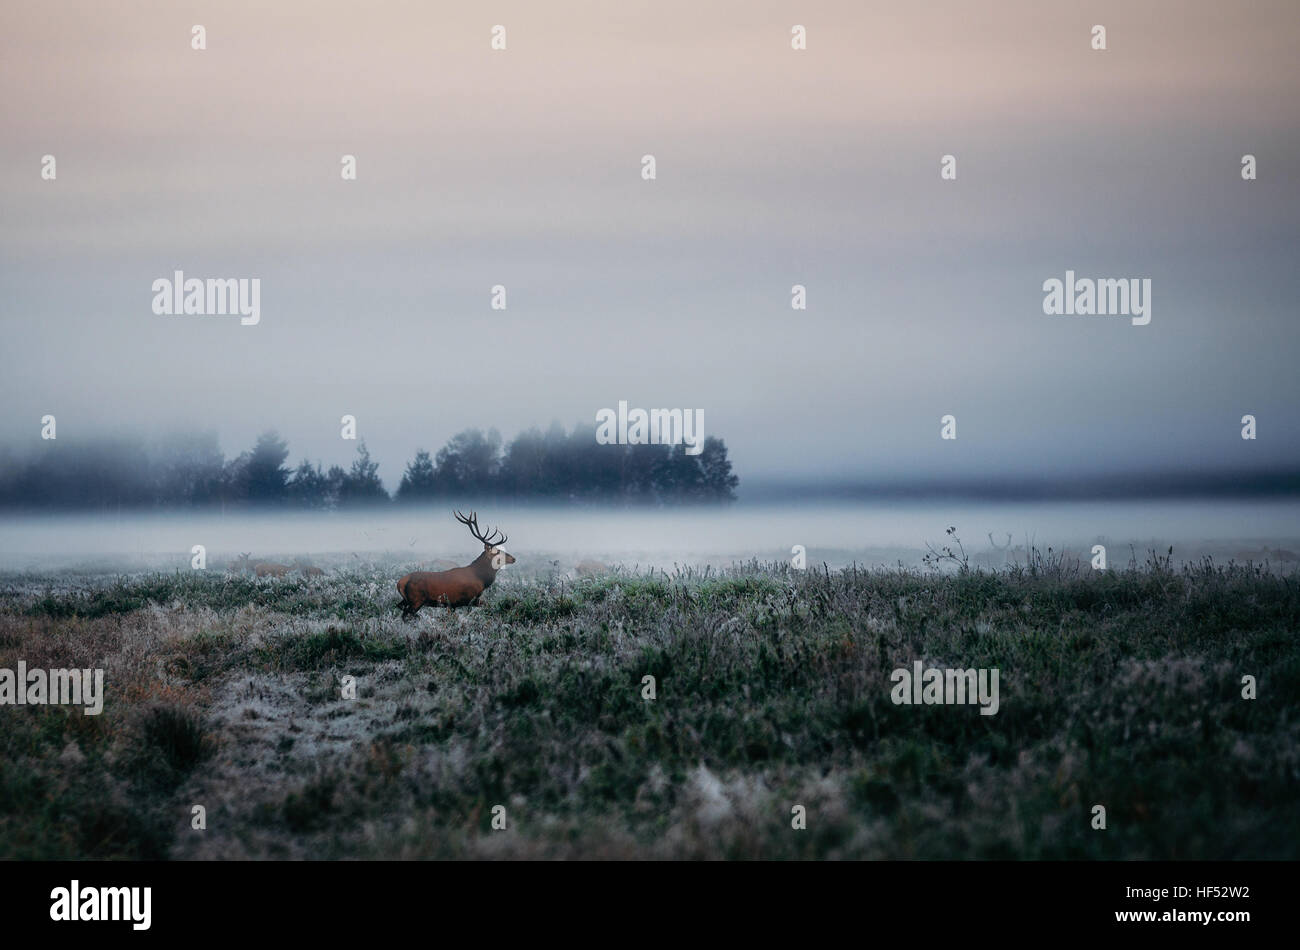 Bellissimi cervi stag sul campo nei pressi di foggy brumoso paesaggio forestale in autunno in Bielorussia. Immagini Stock